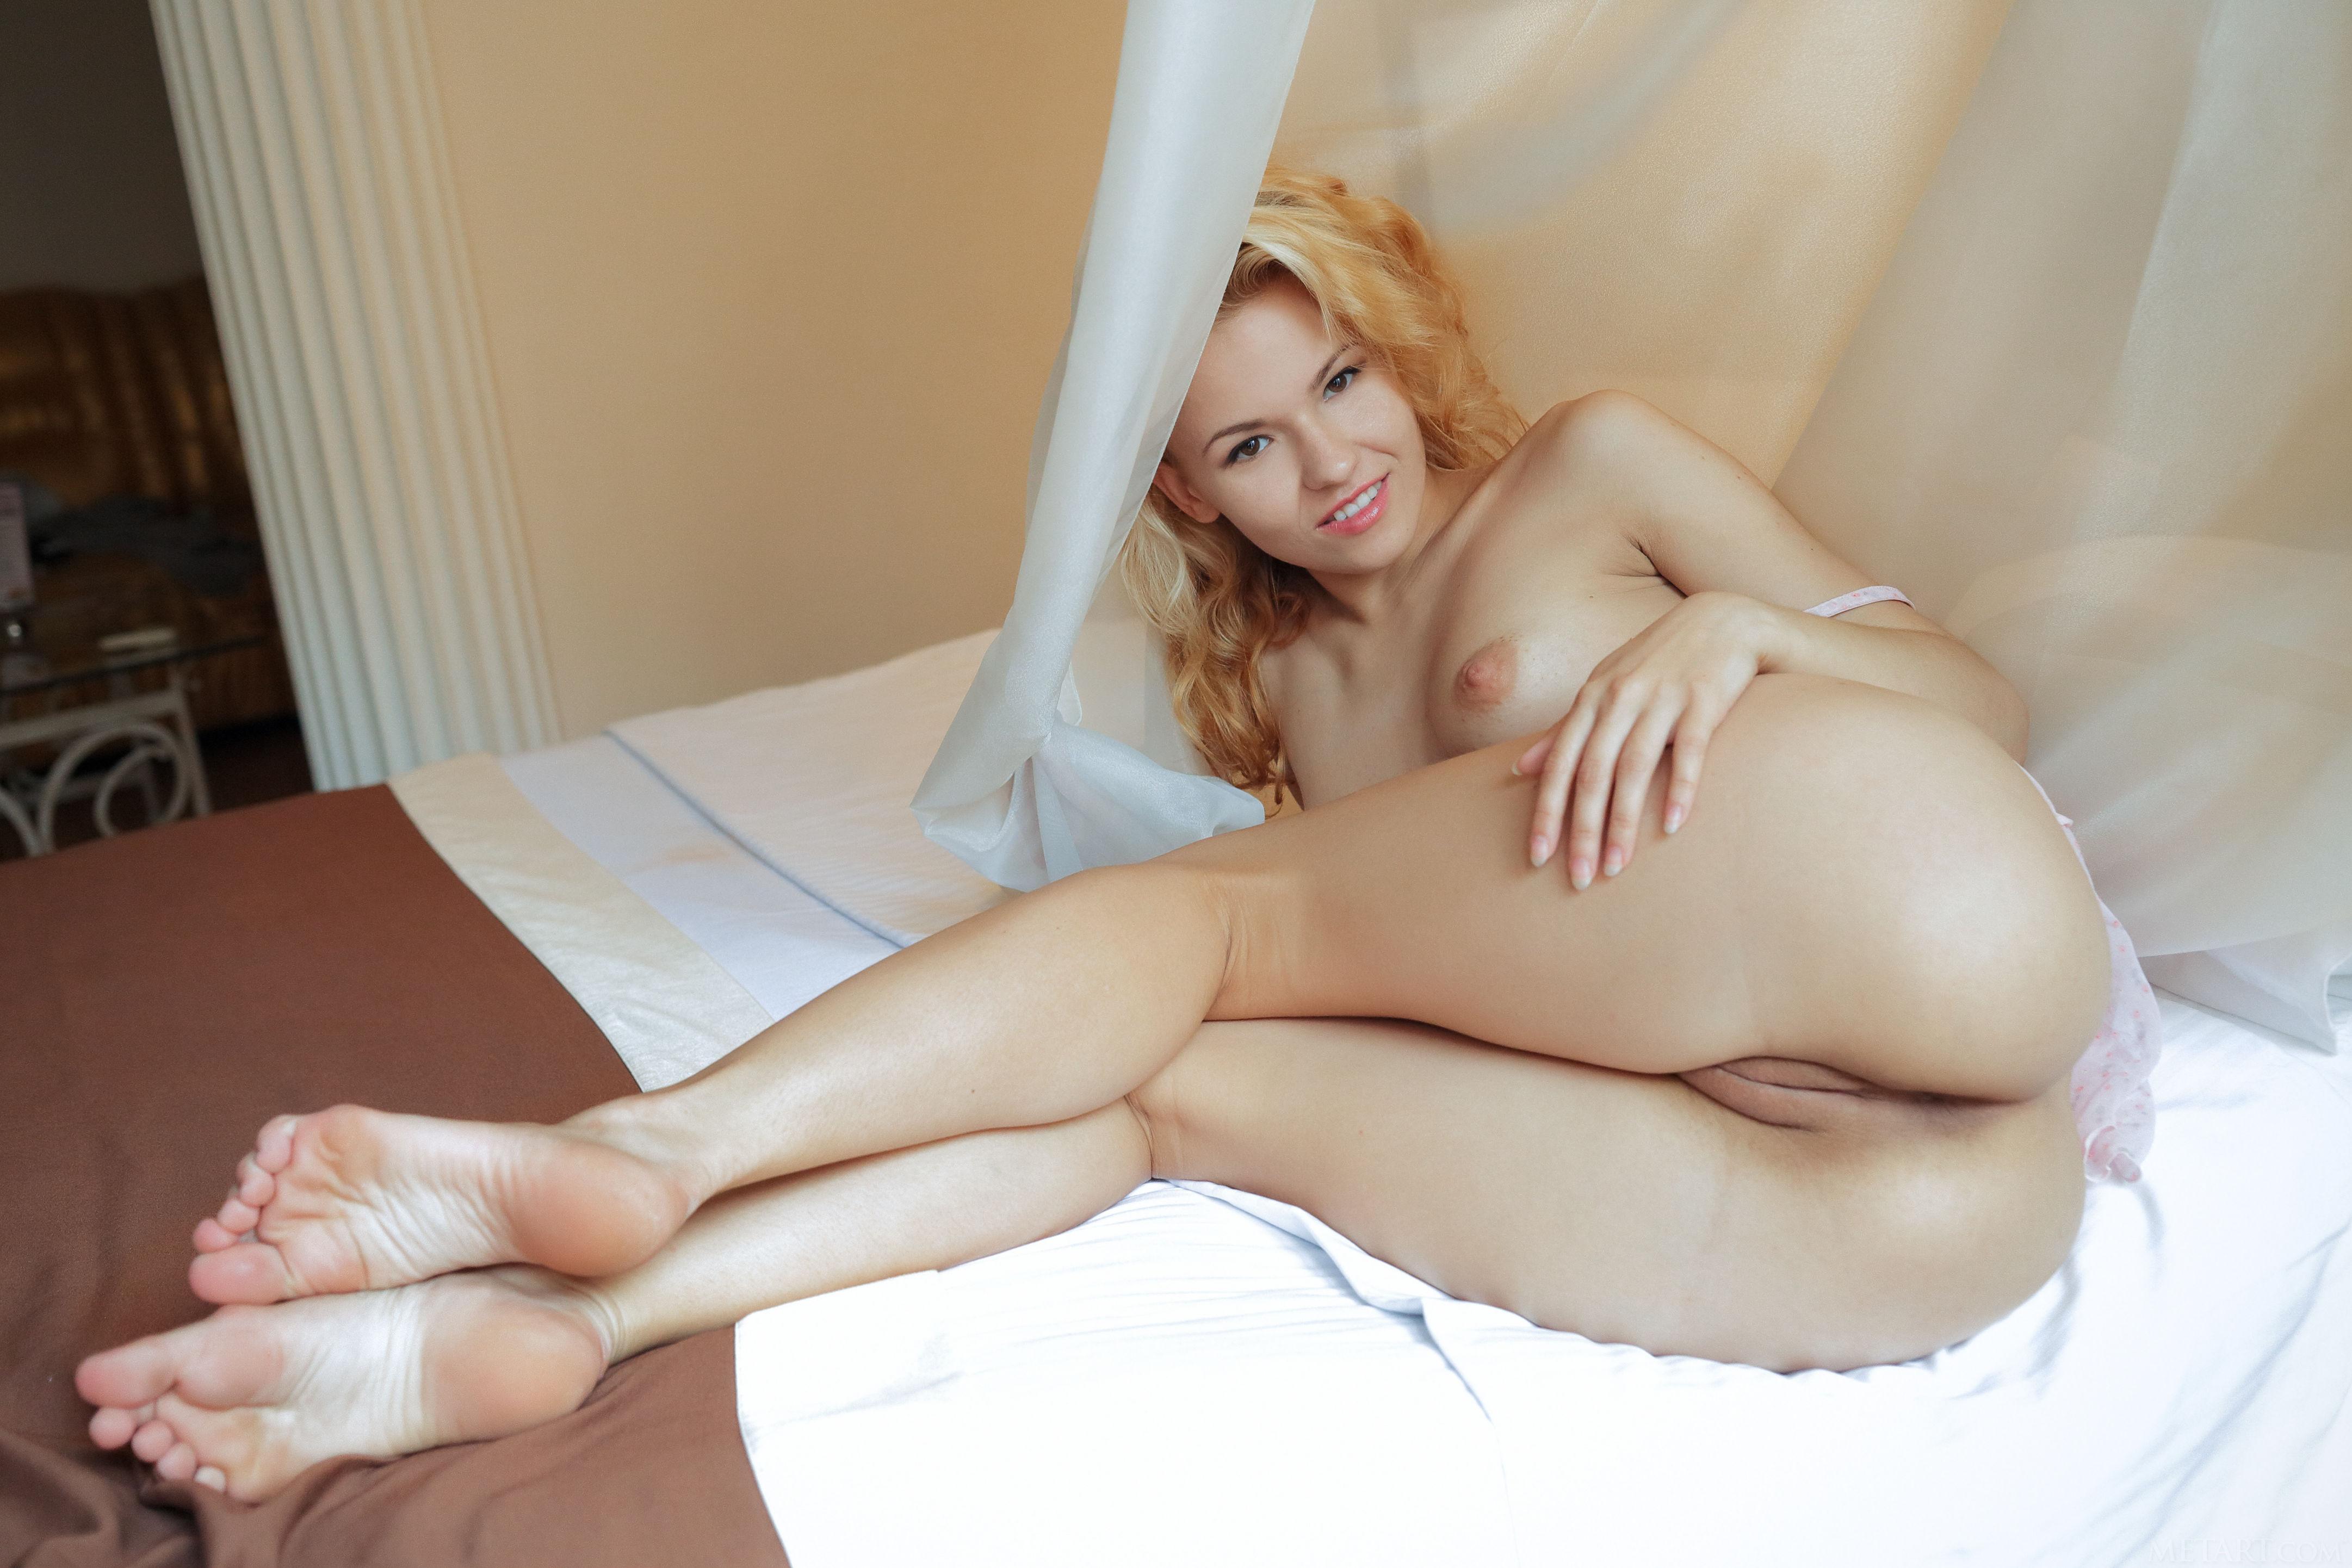 huge dick midget chick